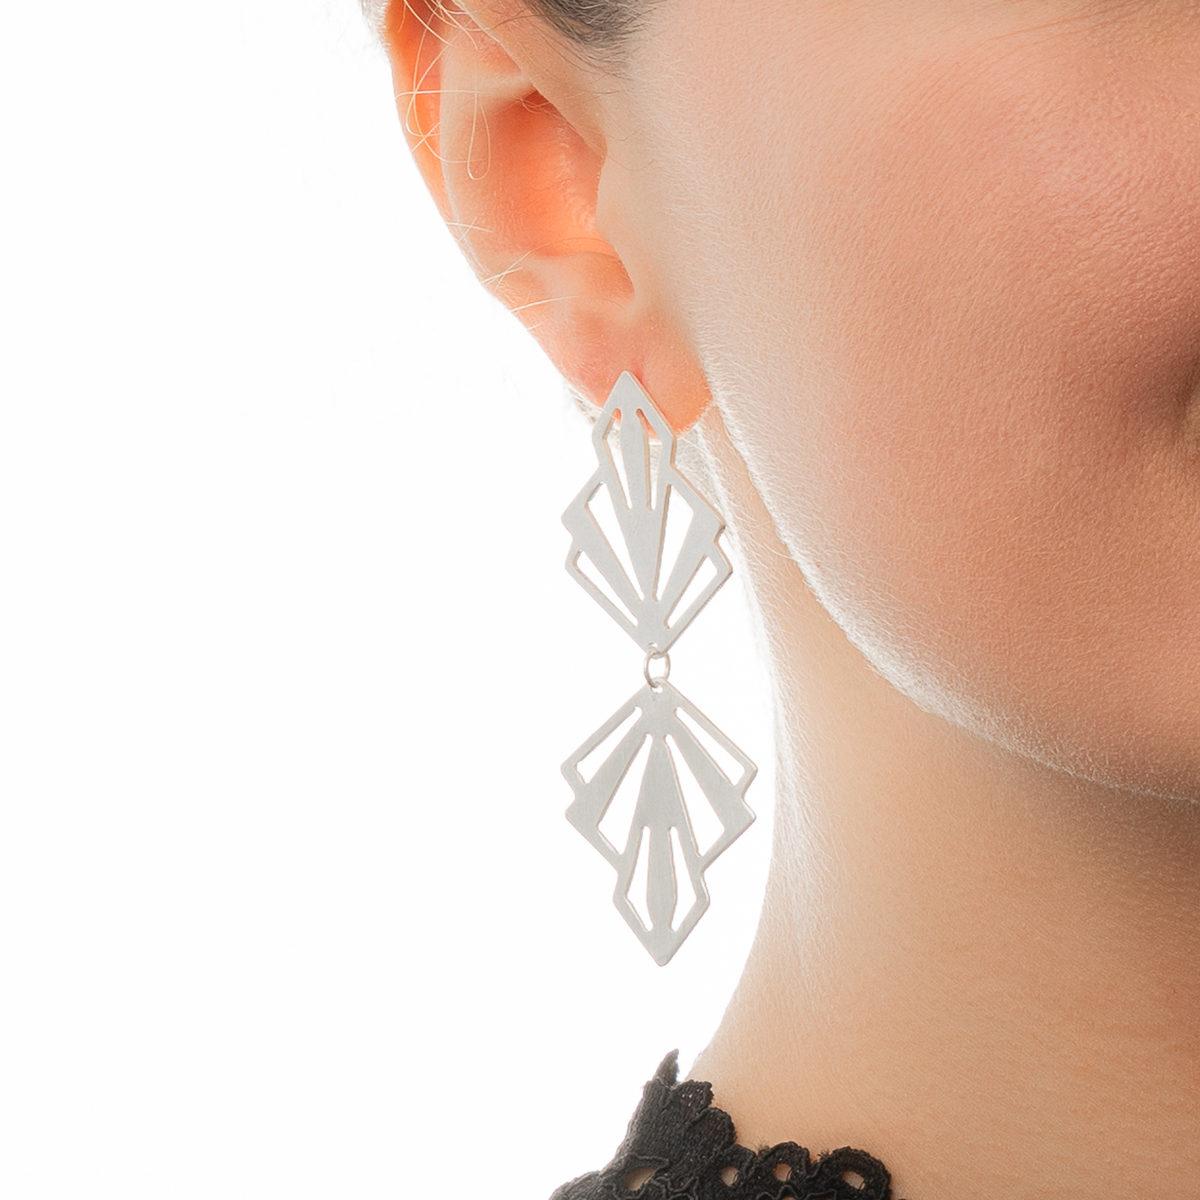 Ohrringe-Art-Deco-silber-matt-Detailbild-Model-1200px